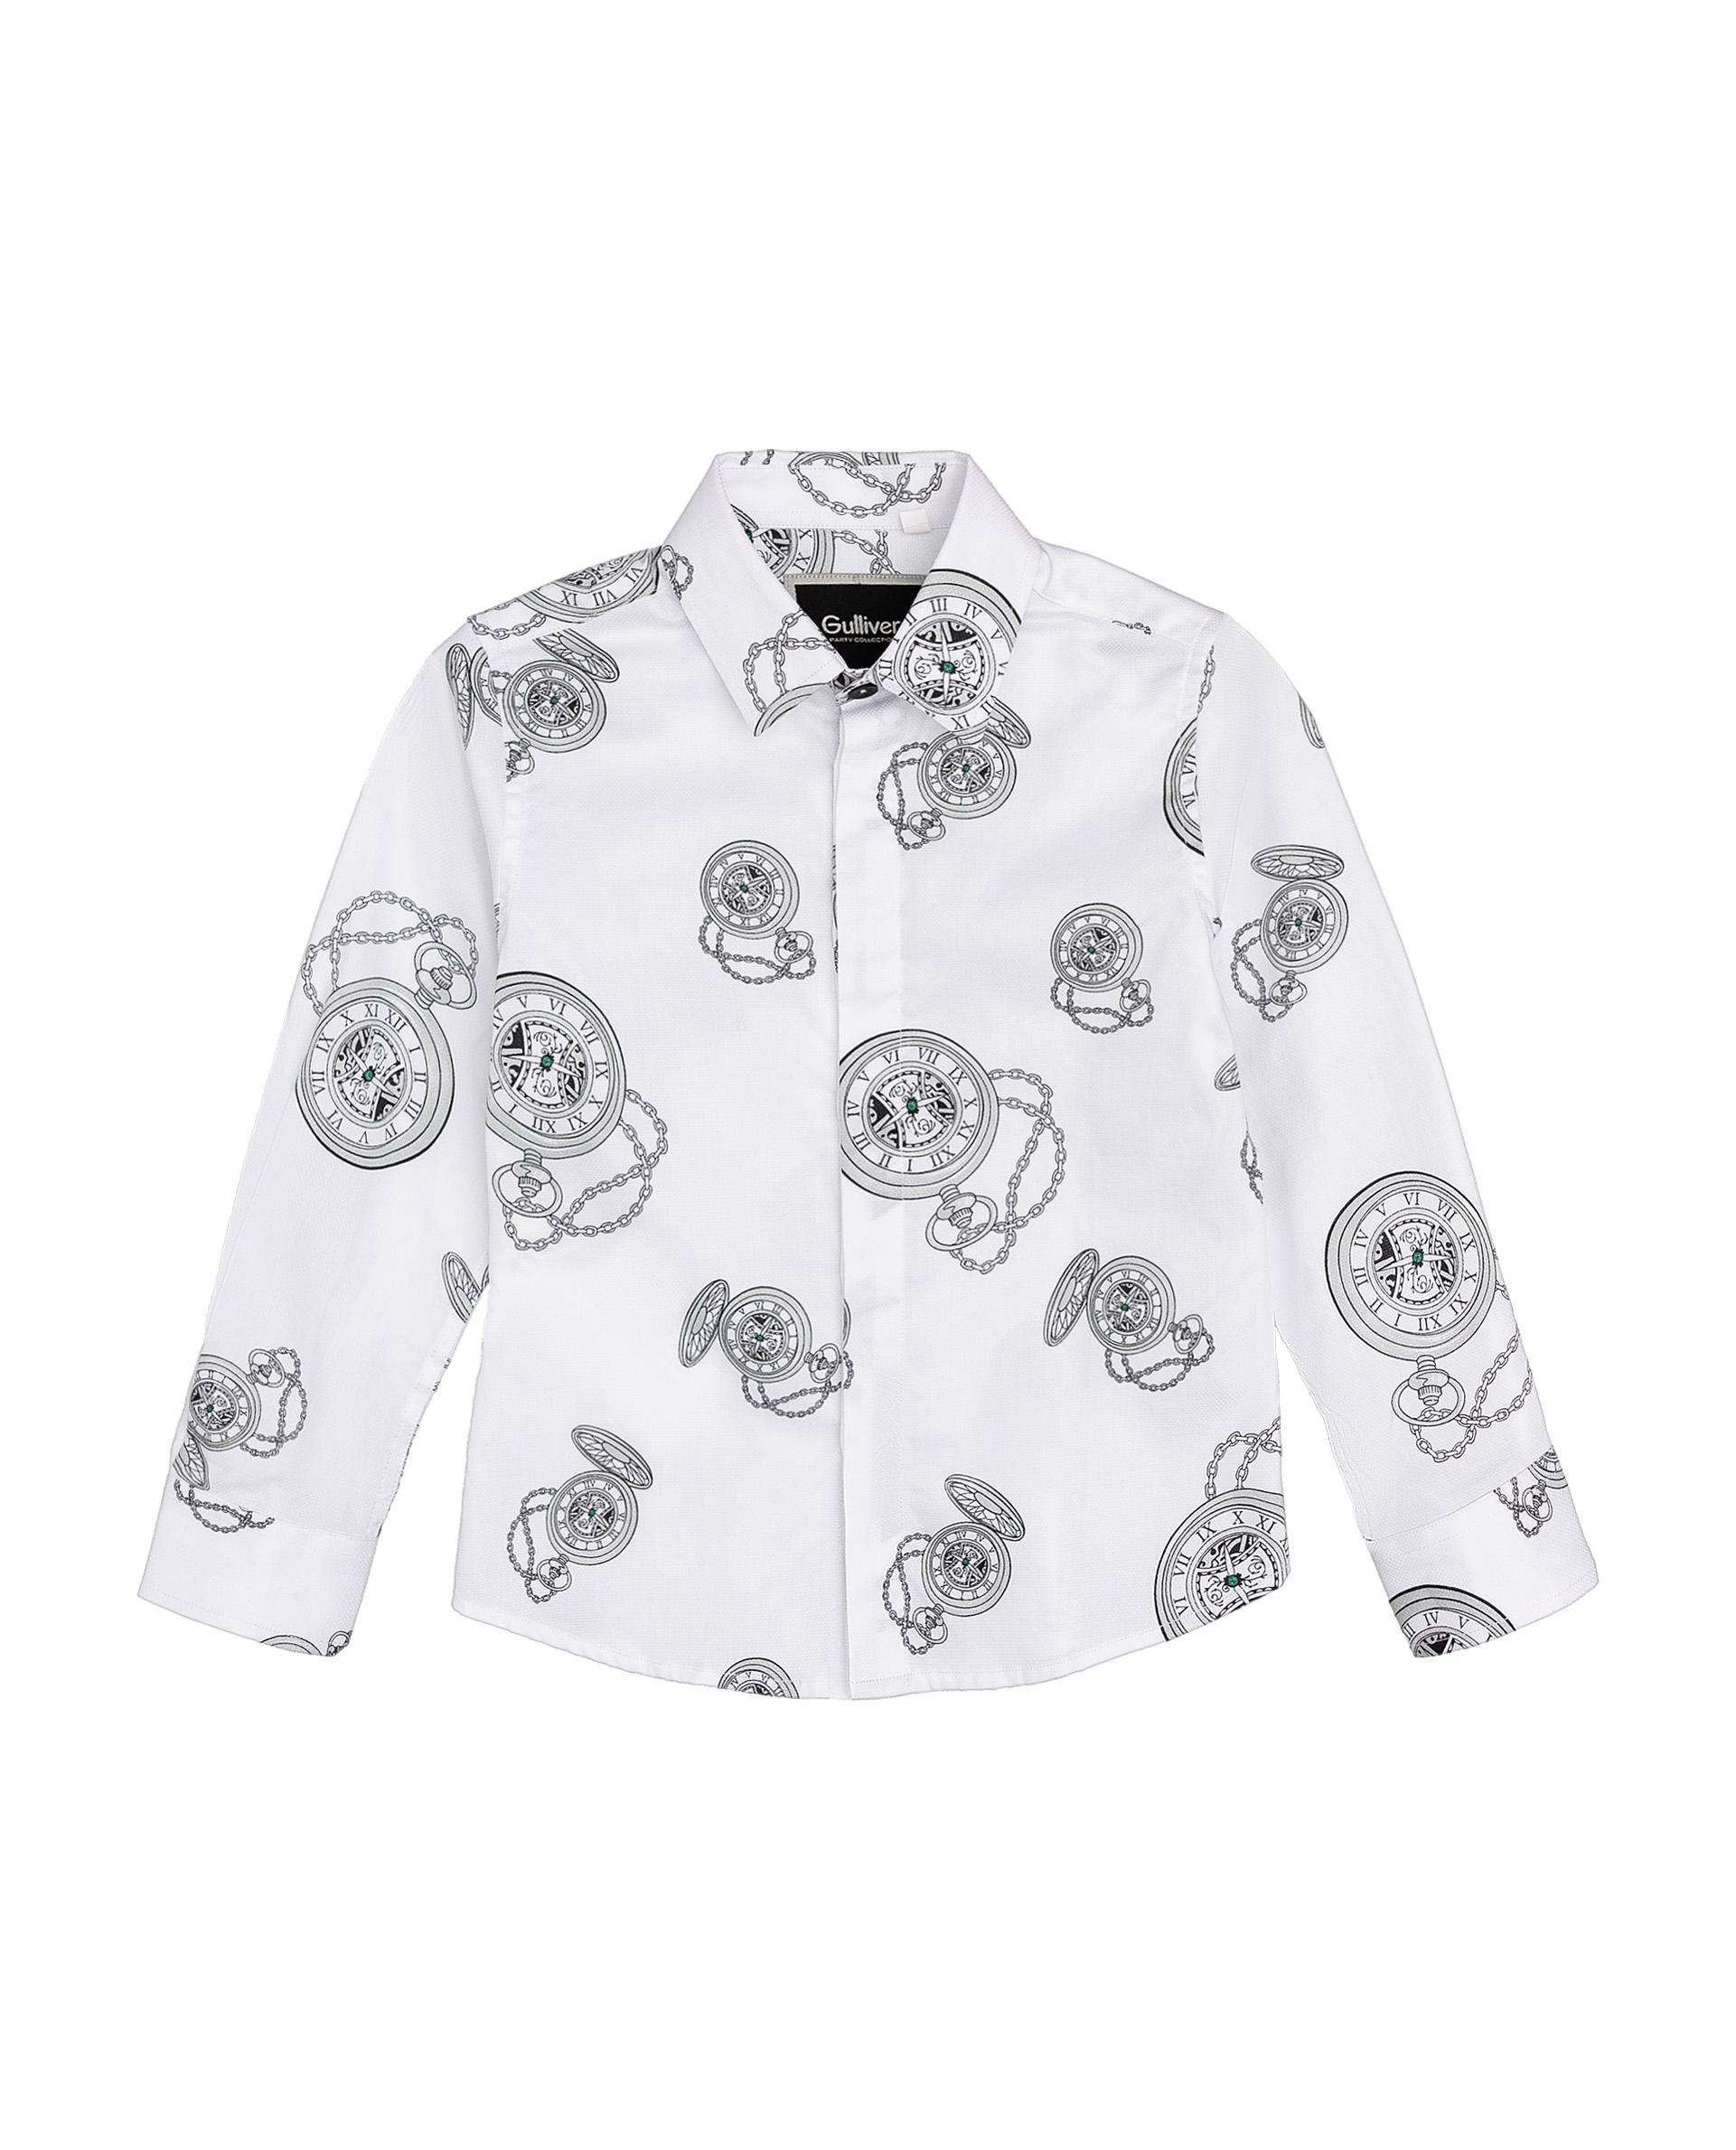 Рубашка для мальчиков Gulliver, цв. белый, р.74